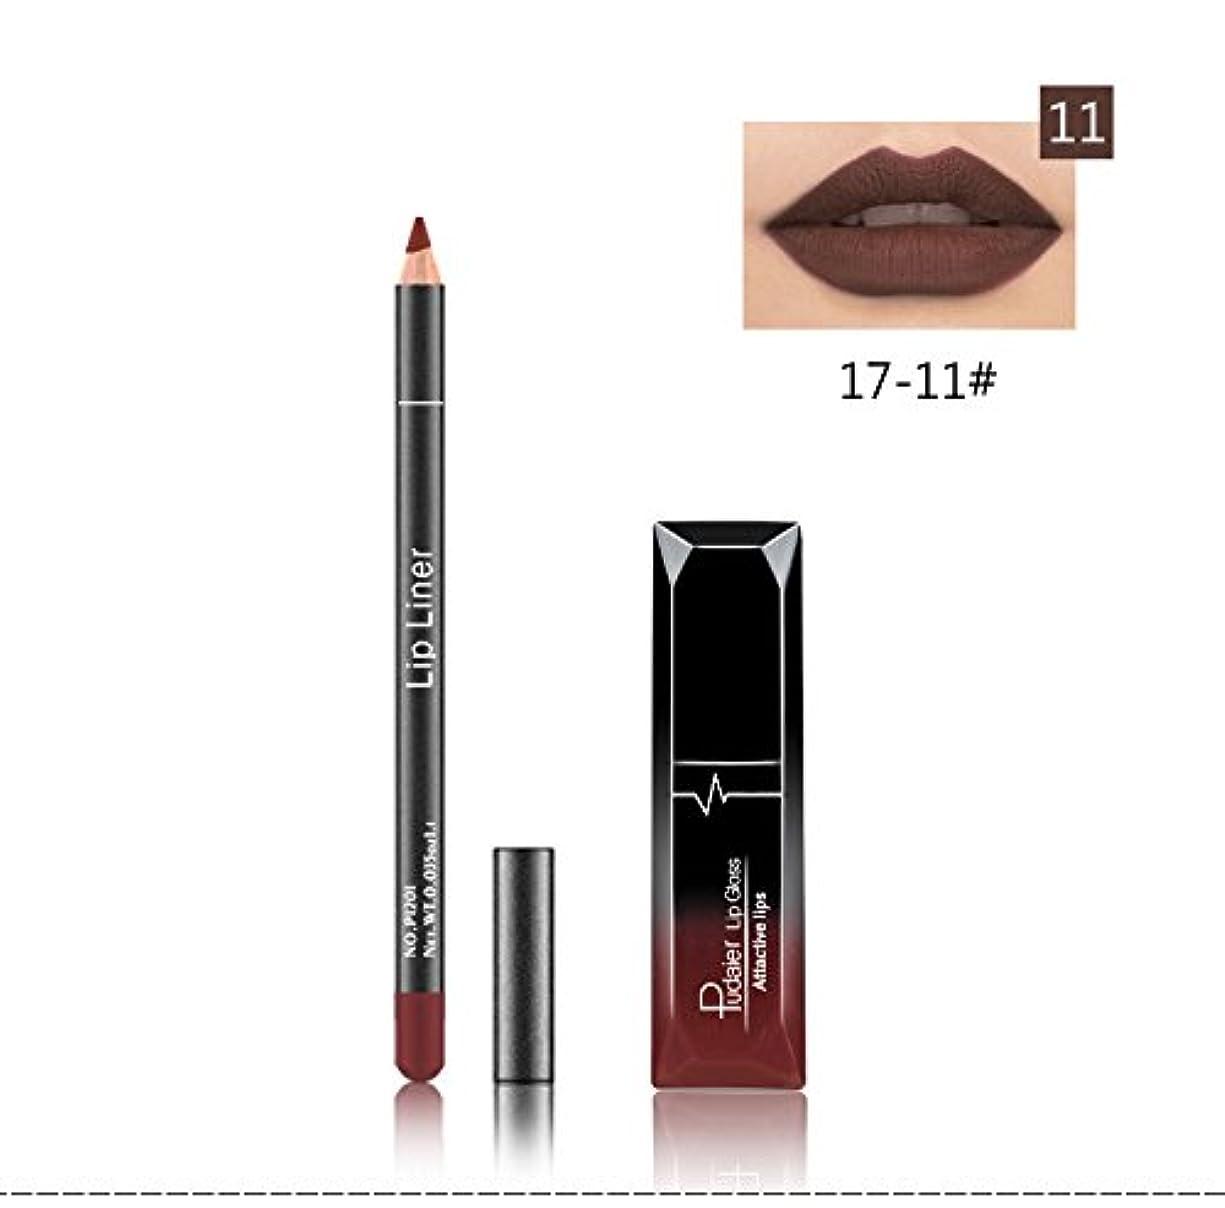 高度ソケットクリップ蝶(11) Pudaier 1pc Matte Liquid Lipstick Cosmetic Lip Kit+ 1 Pc Nude Lip Liner Pencil MakeUp Set Waterproof Long Lasting Lipstick Gfit